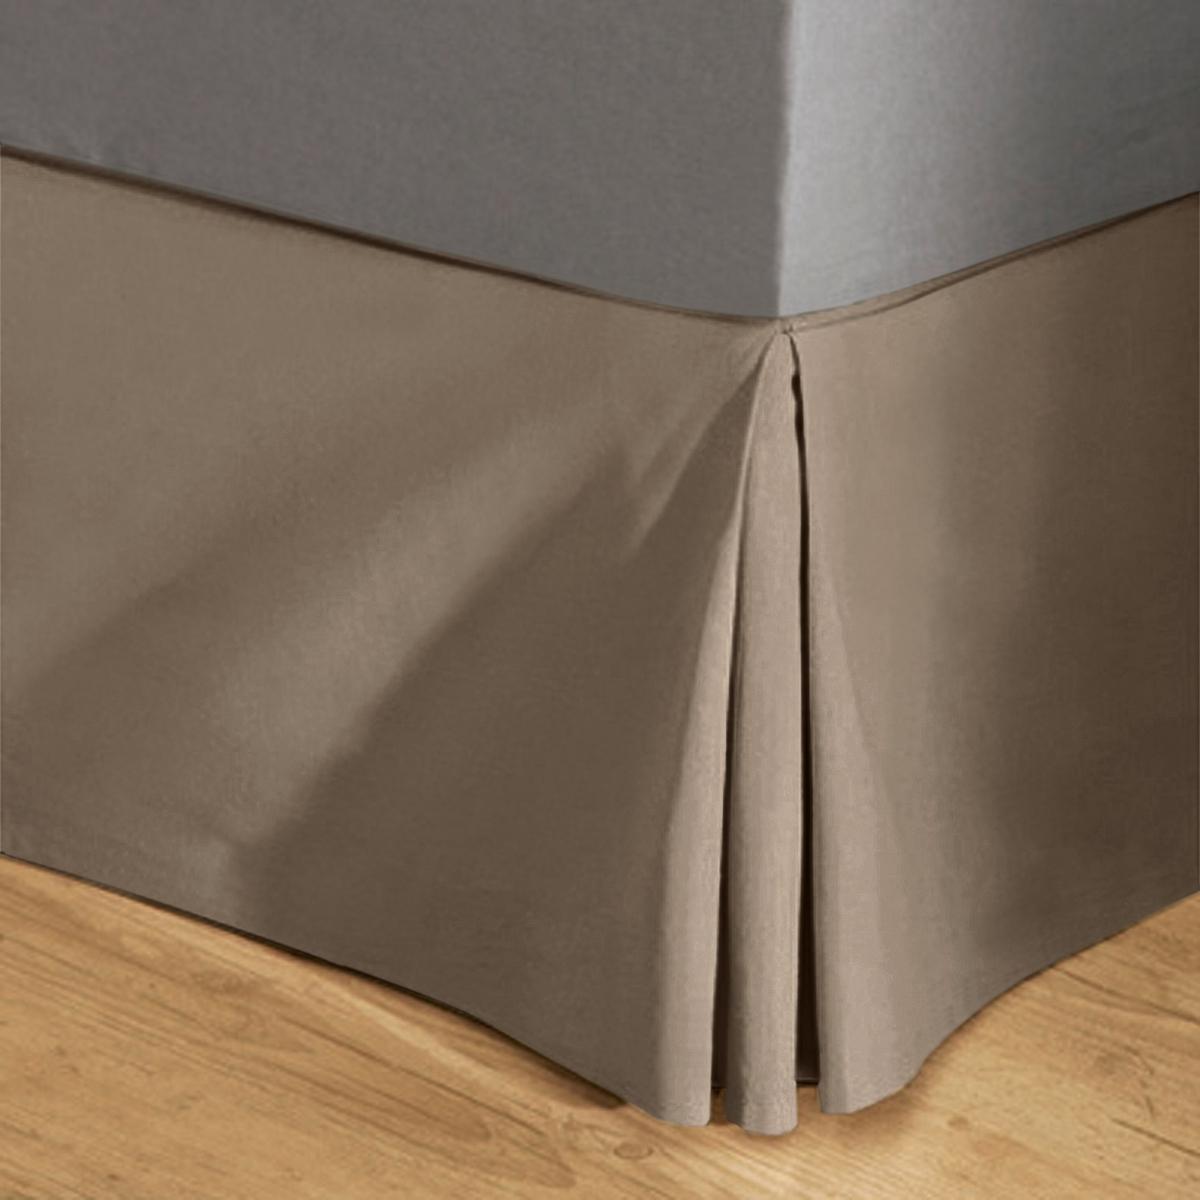 цена на Чехол La Redoute На основу под матрас из поликоттона 120 x 190 см каштановый